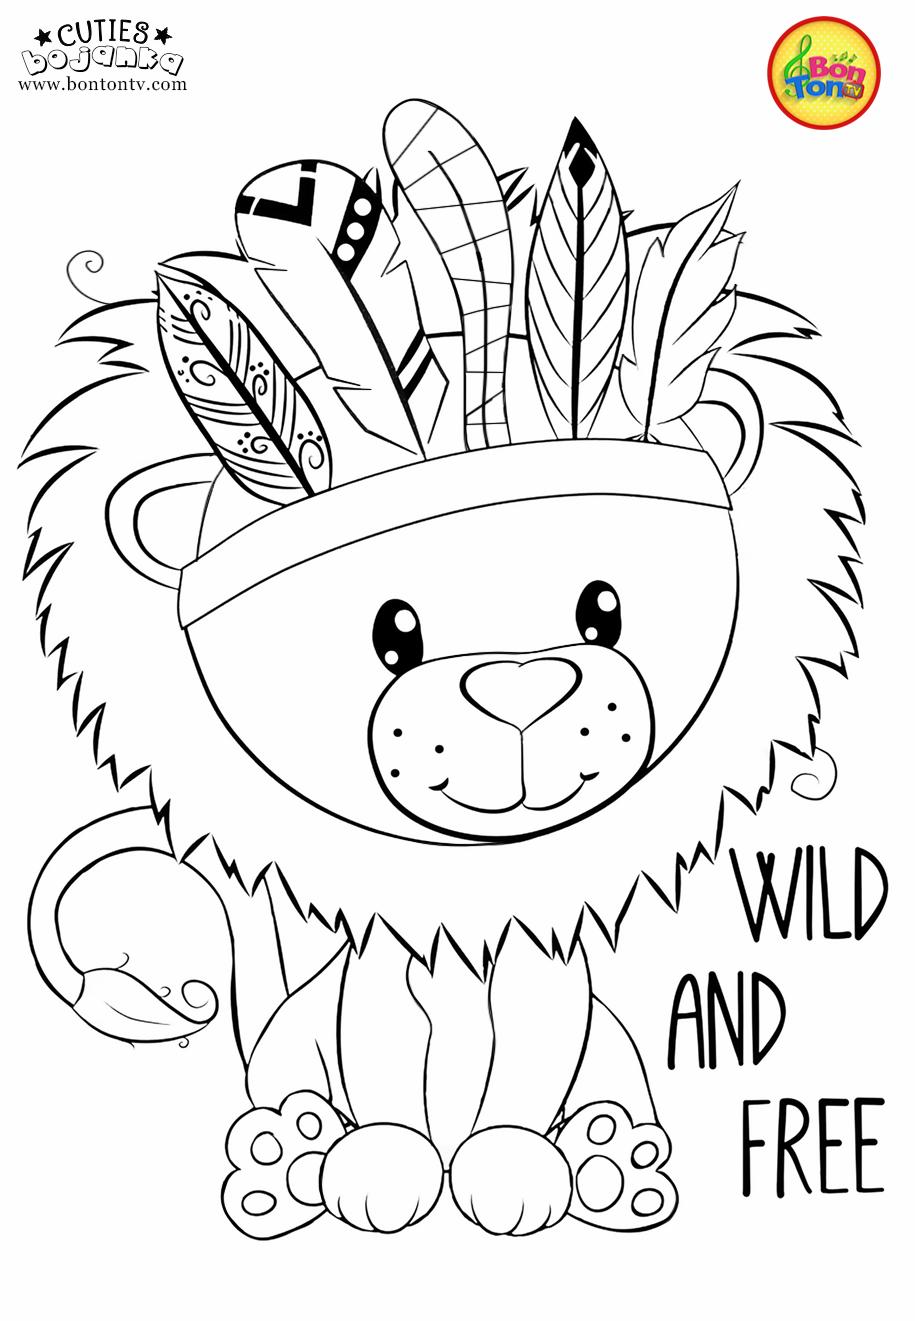 Paginas Para Colorear Para Ninos Gratis Dibujos Para Colorear Para Los Ninos En Edad Pr In 2020 Animal Coloring Books Cute Coloring Pages Kindergarten Coloring Pages